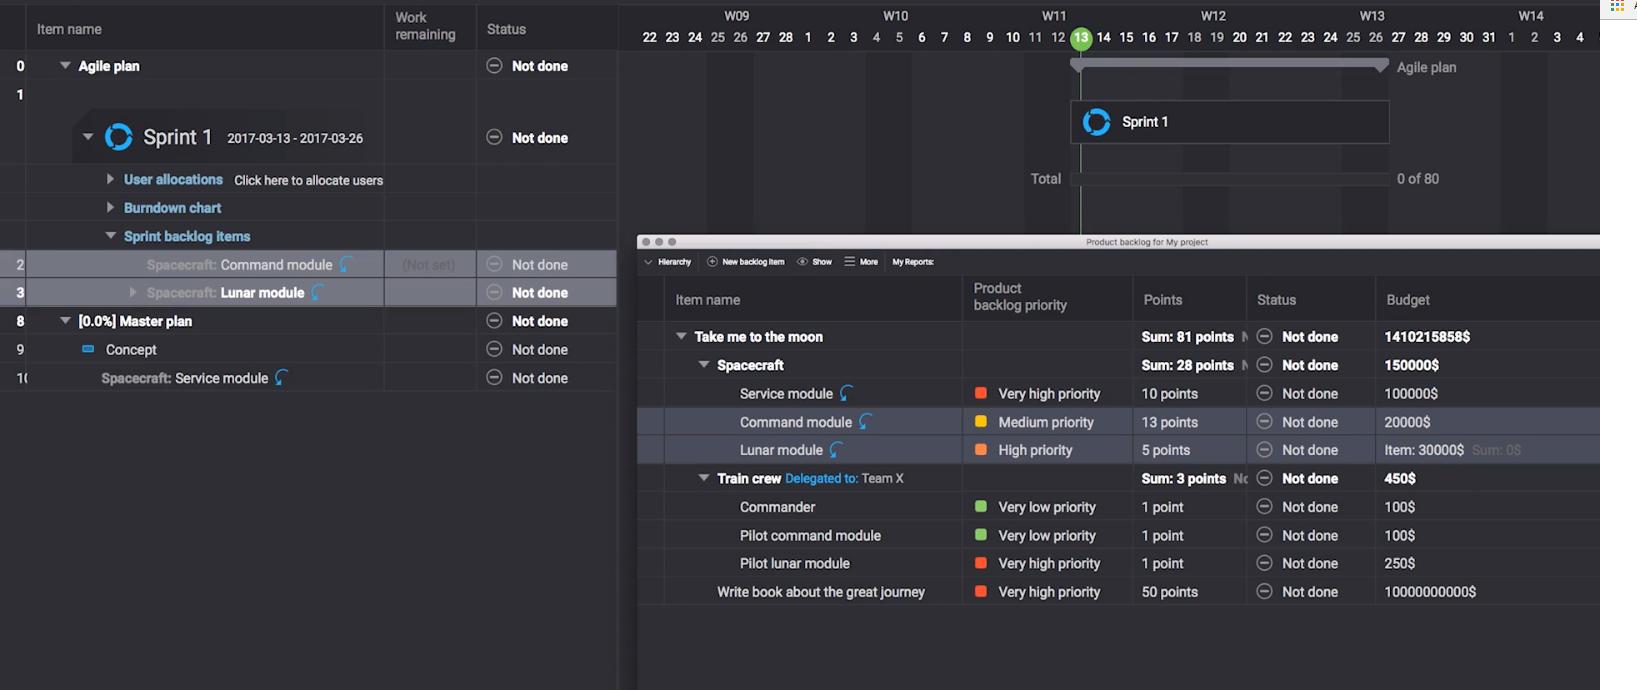 Hansoft Software - Agile project management